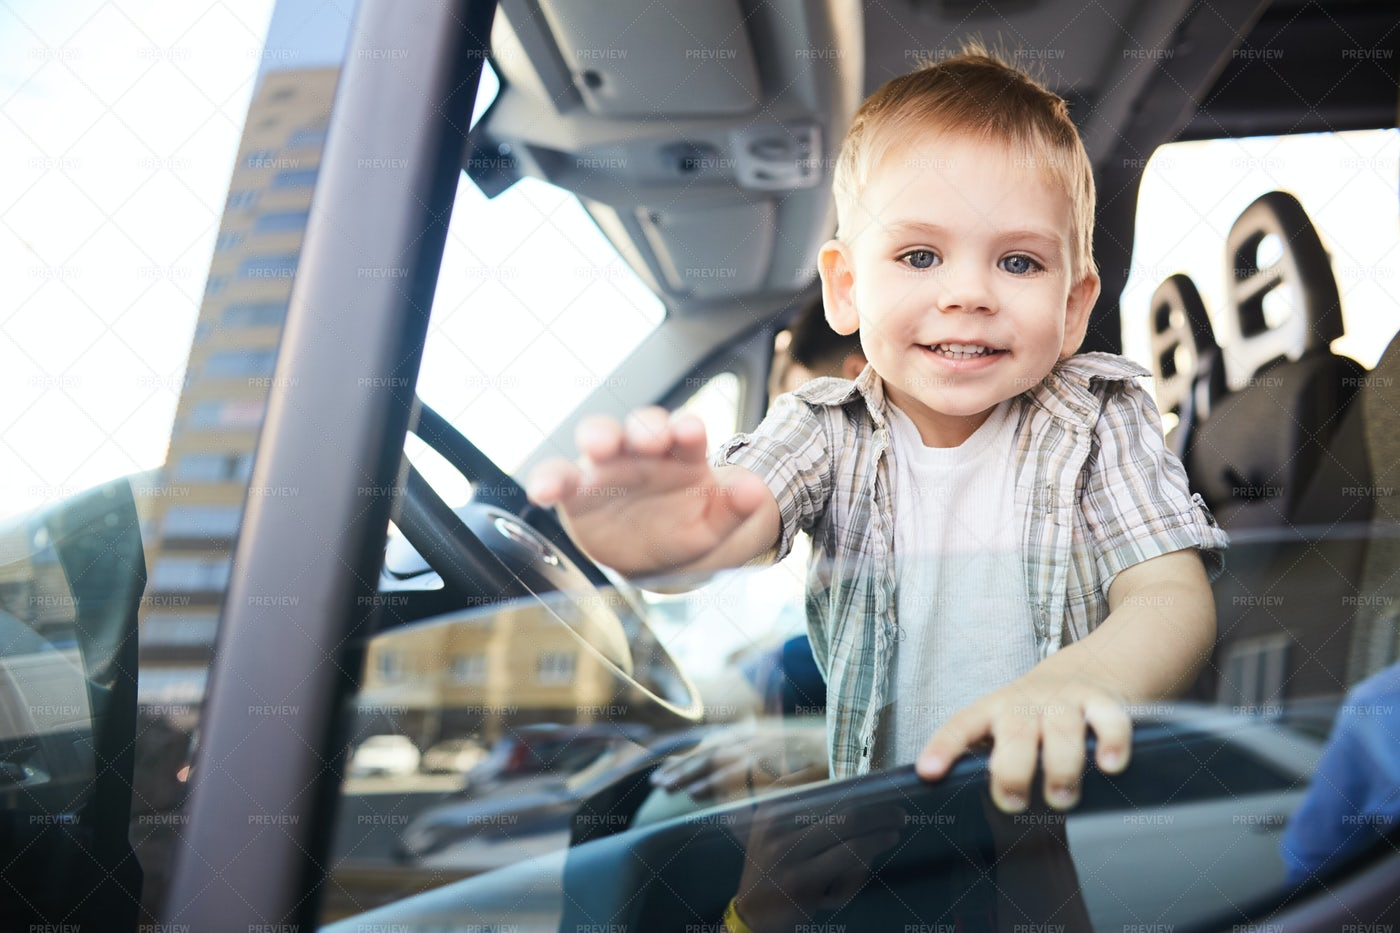 Adorable Child In Car: Stock Photos